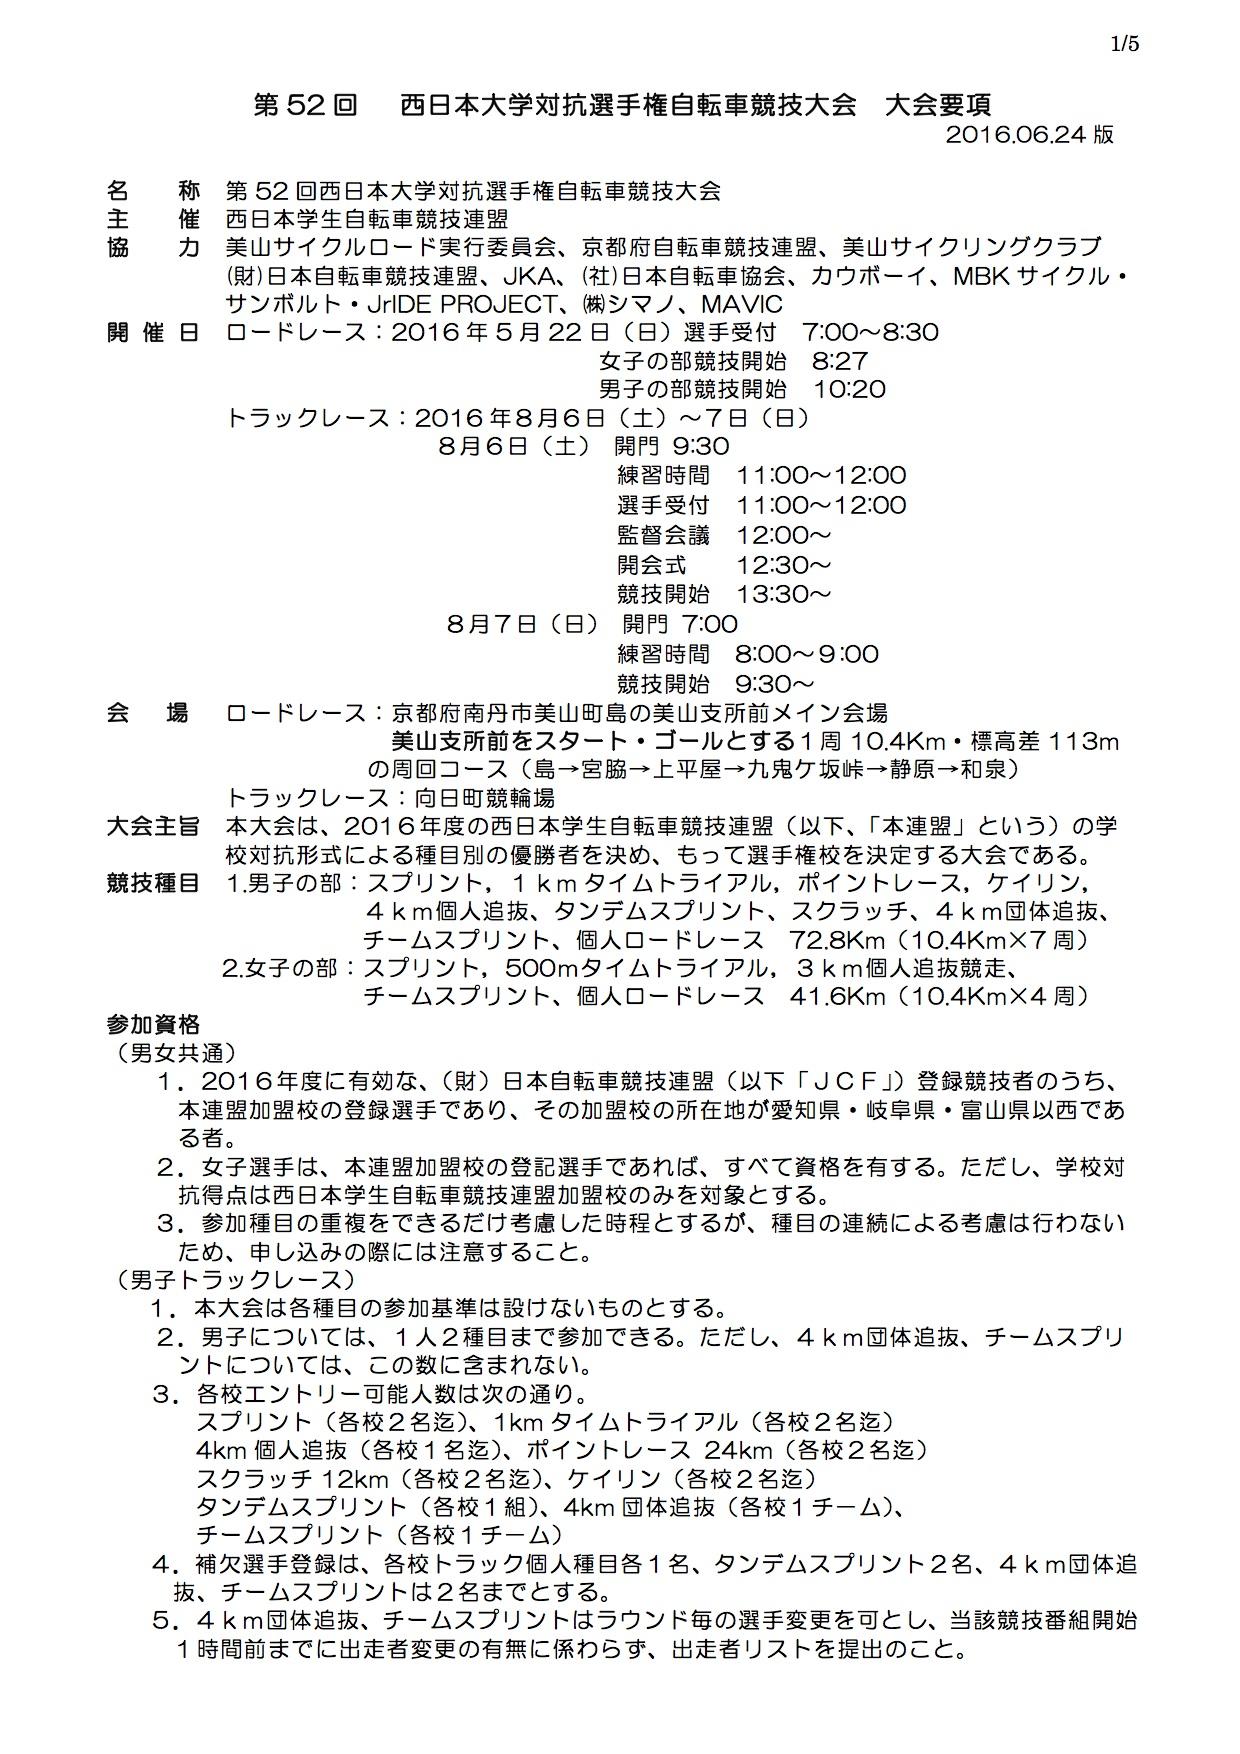 16w_ic_yoko_160624_01